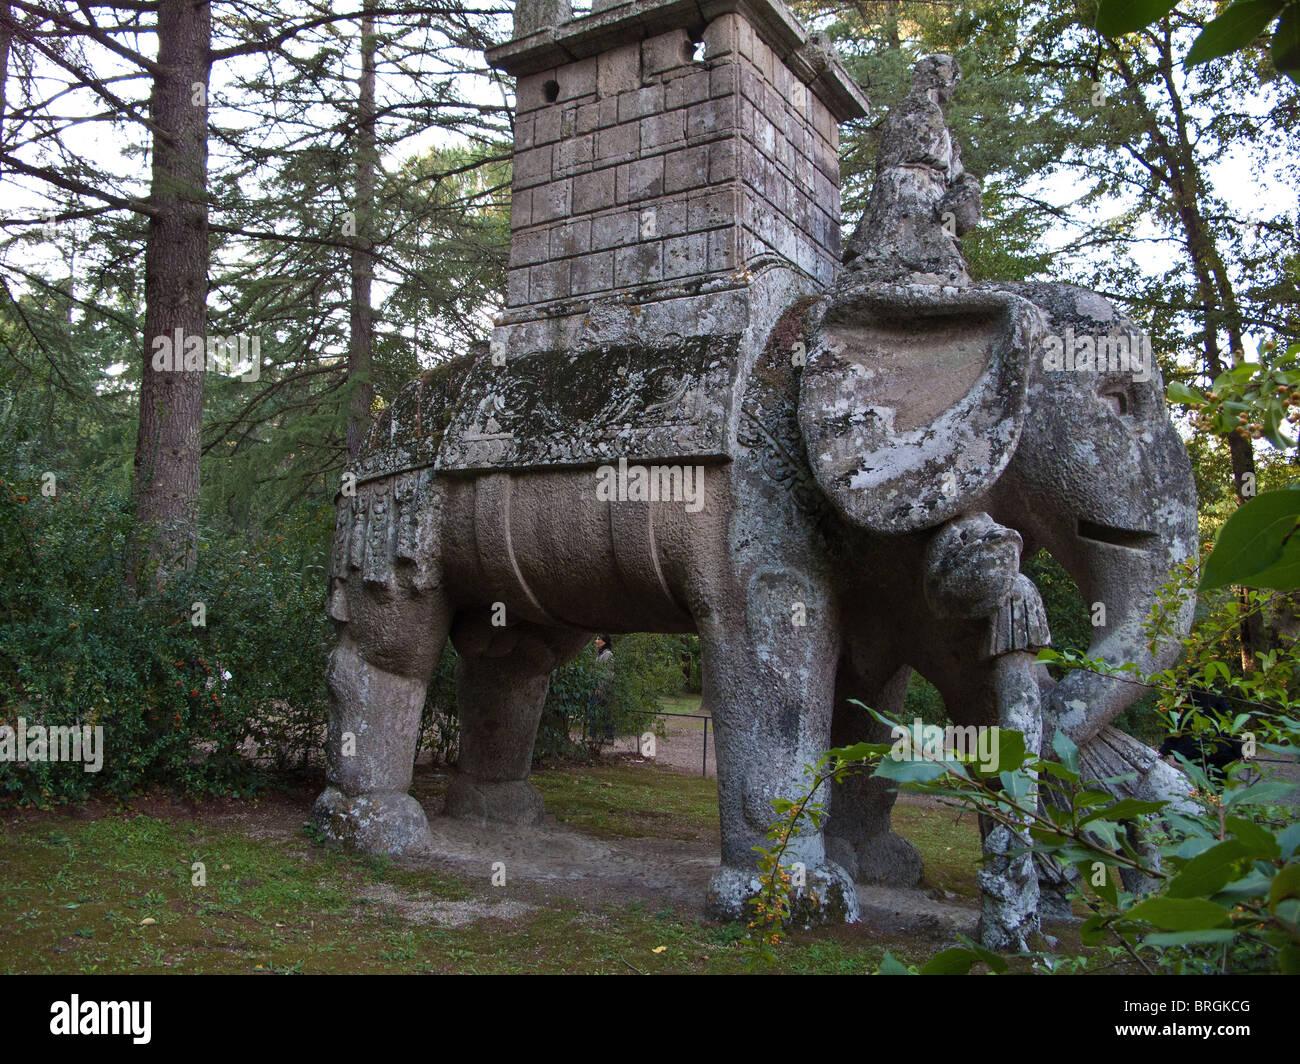 statue in the unusual gardens of Sacro Bosco in Parco dei Mostri ...